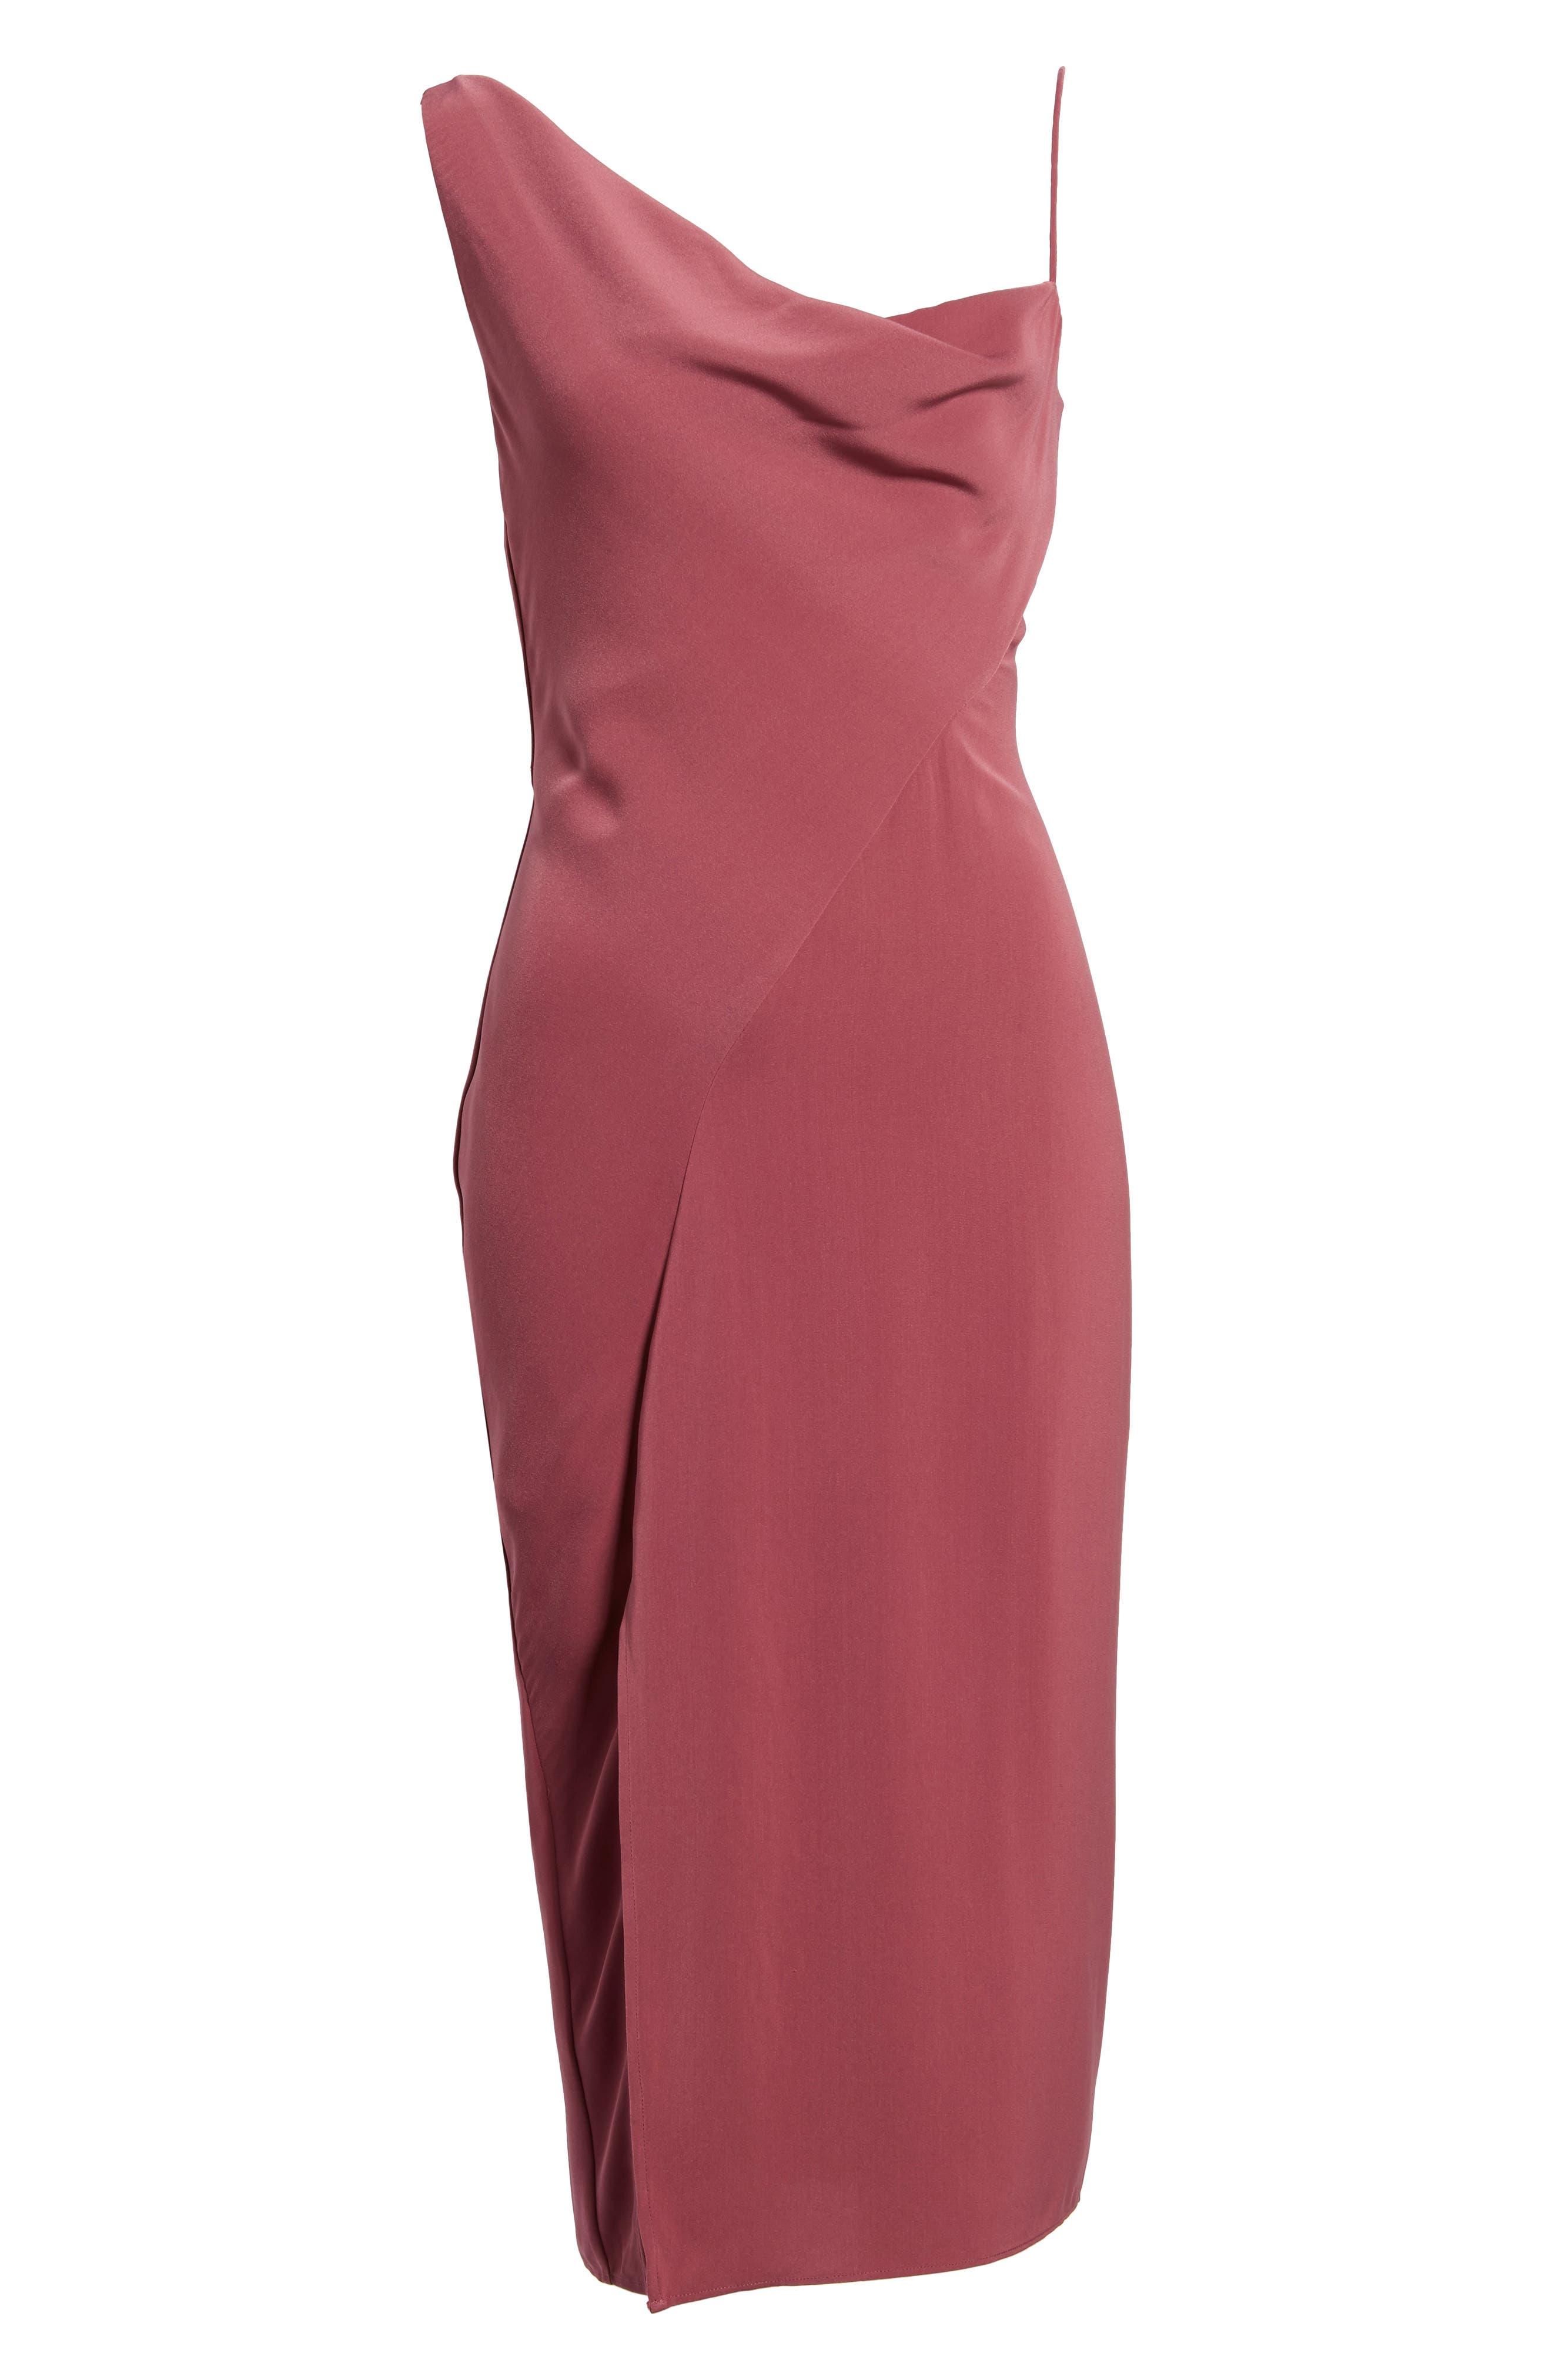 KEEPSAKE THE LABEL,                             Be Mine Midi Dress,                             Alternate thumbnail 6, color,                             930